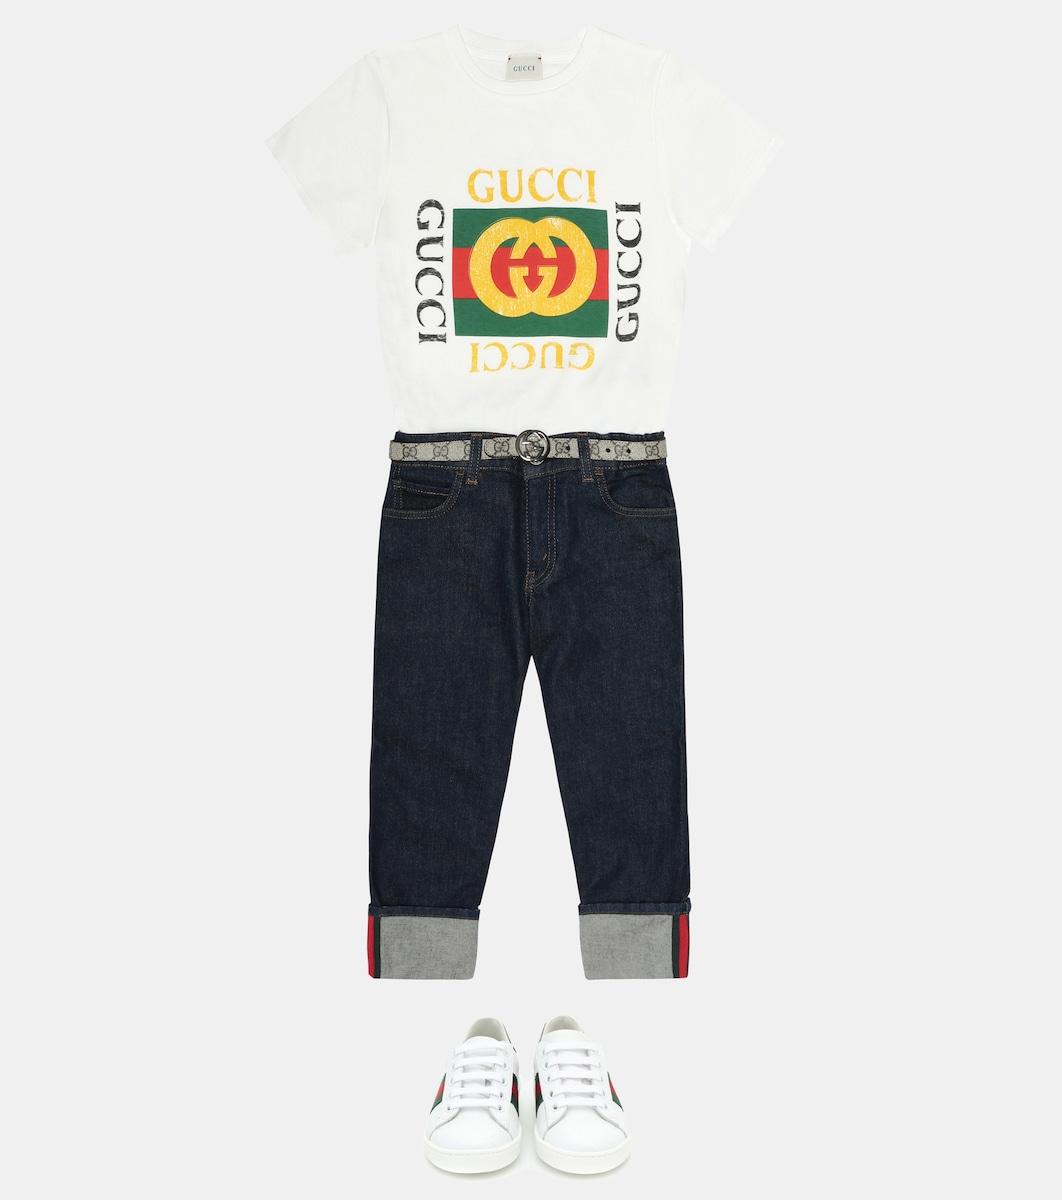 ac0a664c3c9 Gucci Kids - GG Supreme belt